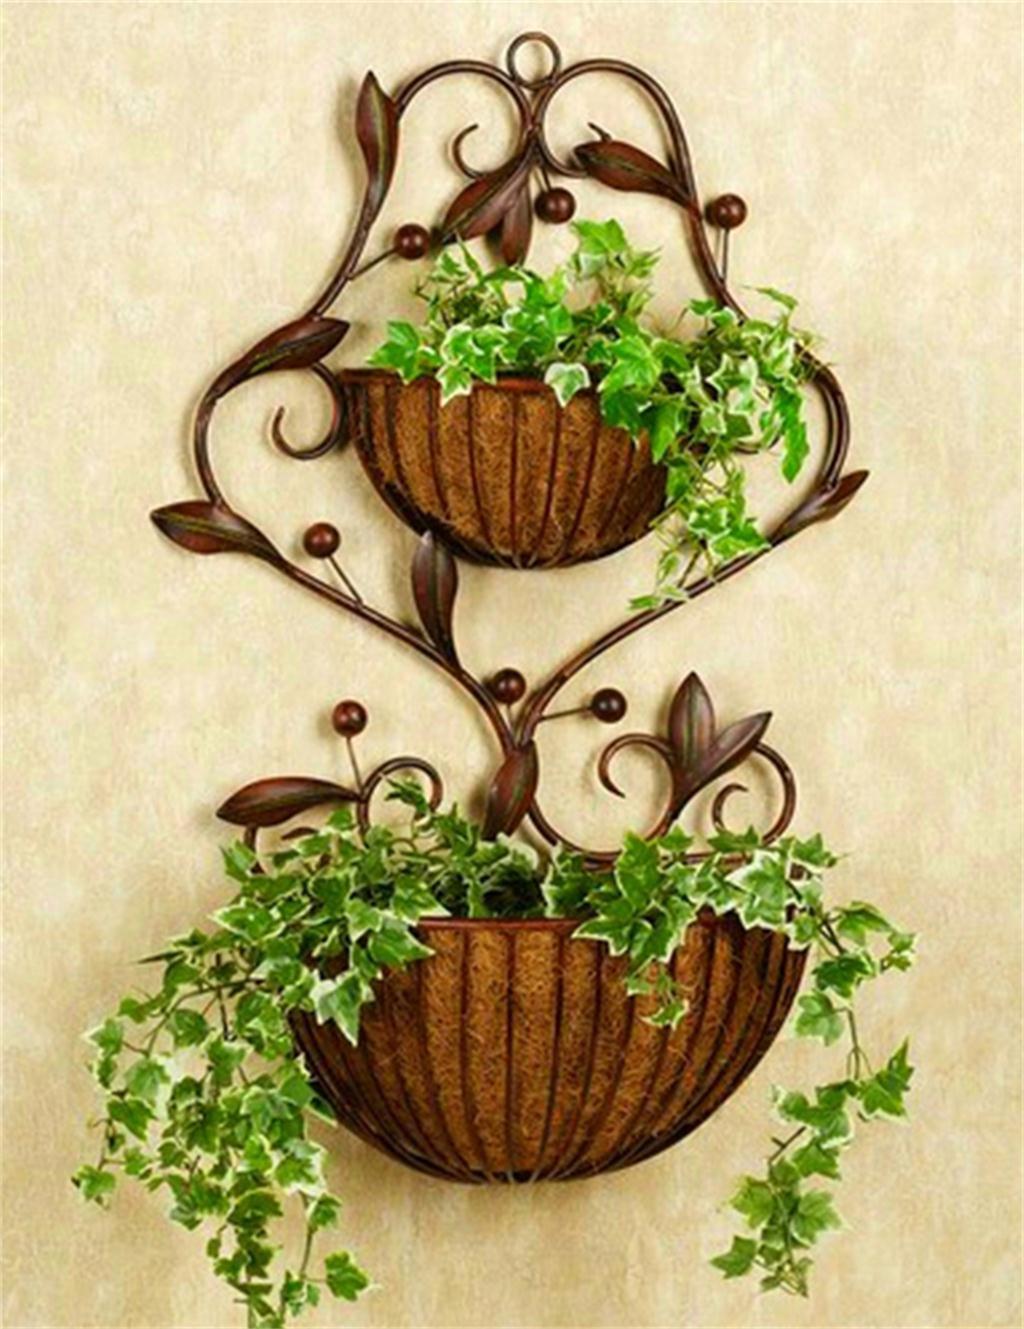 HZA European - Style Garten Eisen Blumentopf Regal, Wandhänge Töpfe Regal, Indoor Wohnzimmer Blumenregal, Wände Hängende Orchidee Korb, Ecke Inhaber Shelf Hochwertige Materialien ( farbe : Bronze )